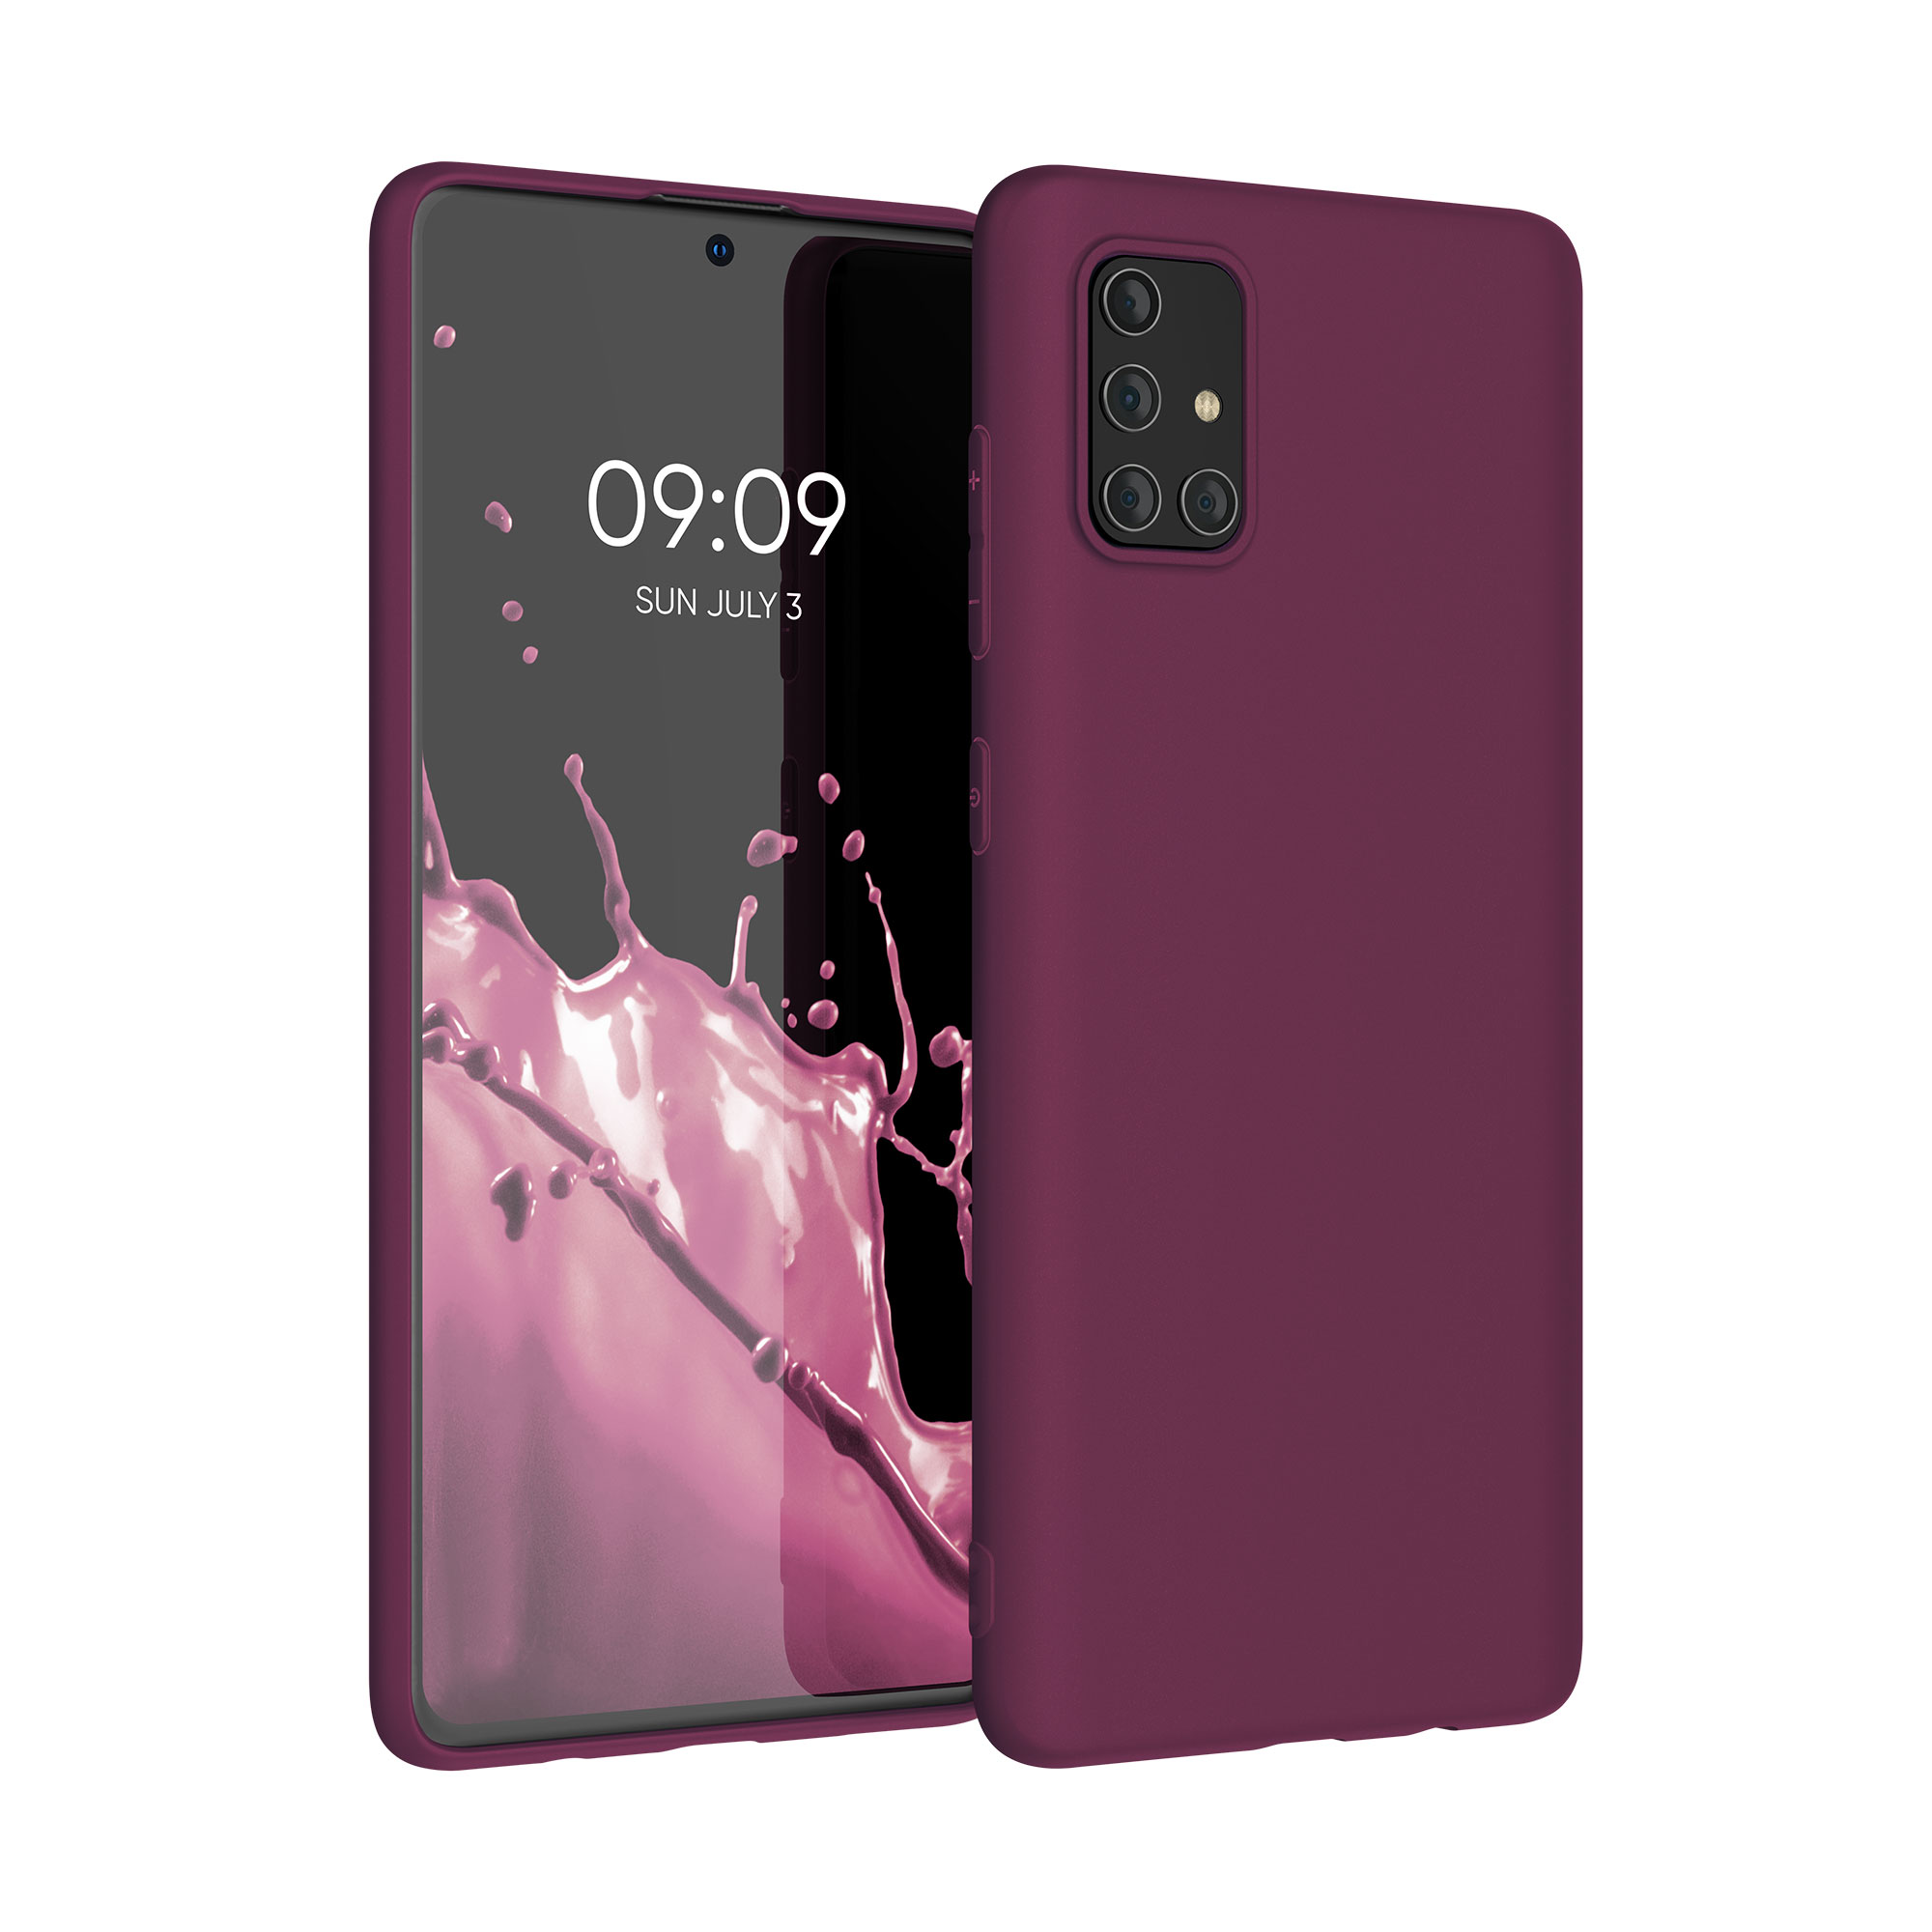 Kvalitní silikonové TPU pouzdro pro Samsung A71 - Bordeaux fialové